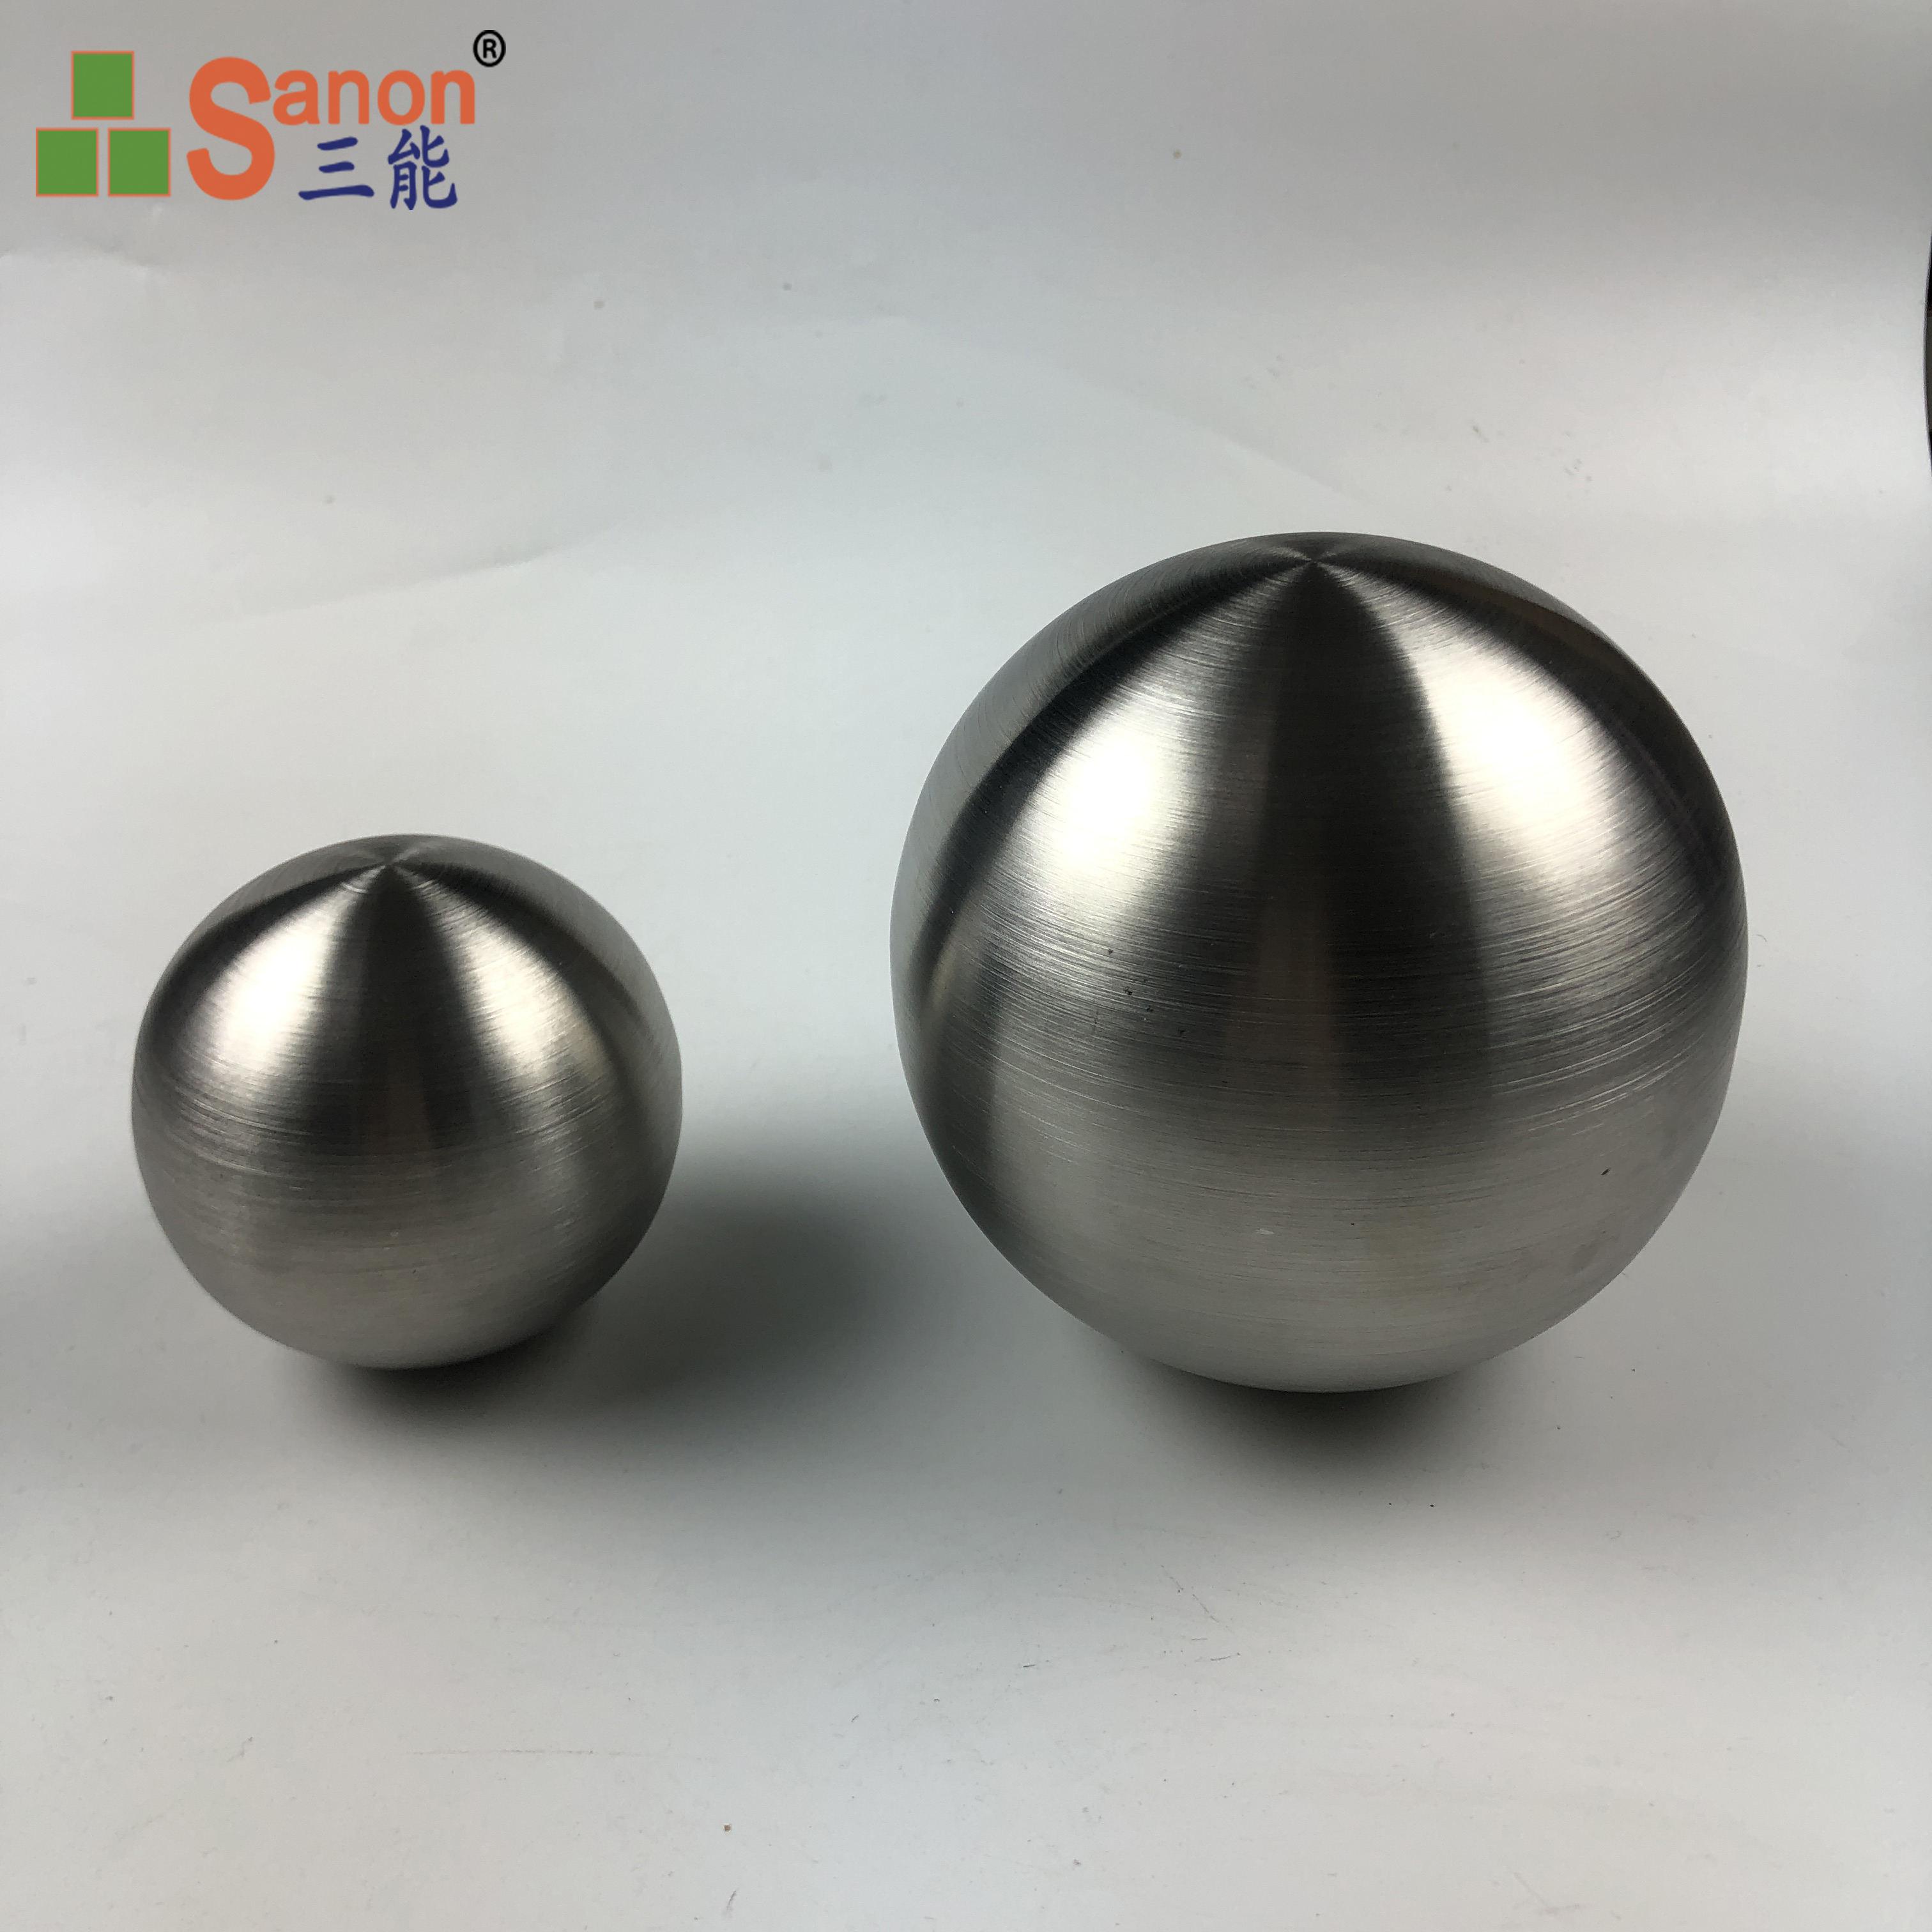 """SS316 Stainless Steel Loose Bearing Balls 316 G100 0.1772/"""" 1200 pcs - 4.5mm"""